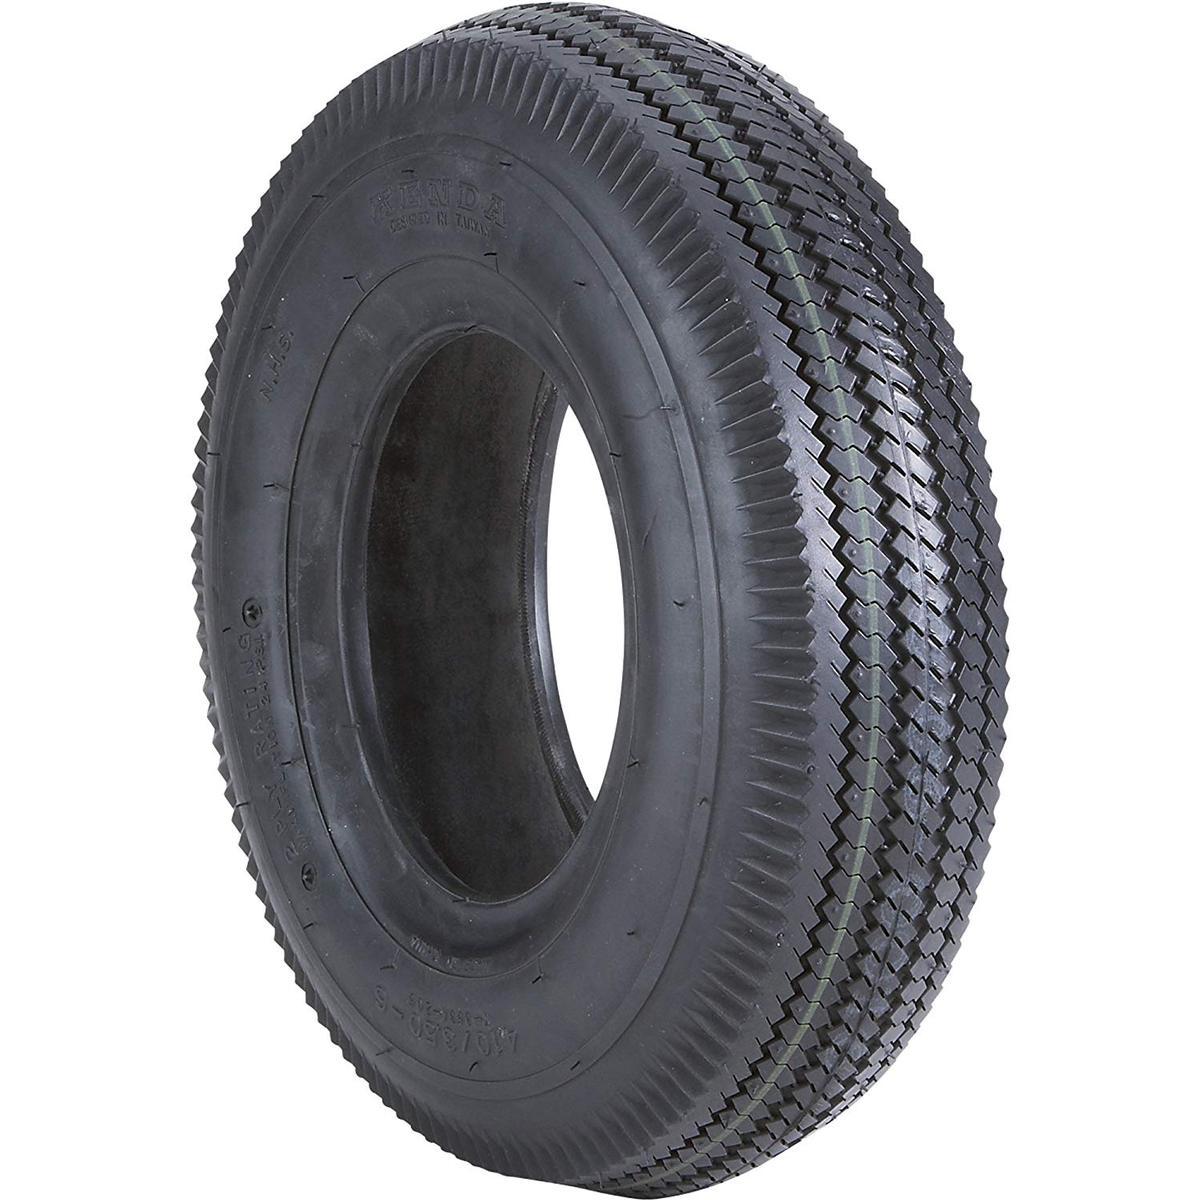 Kenda K353A Sawtooth 4.10-4 6 Ply Yard - Lawn Tire